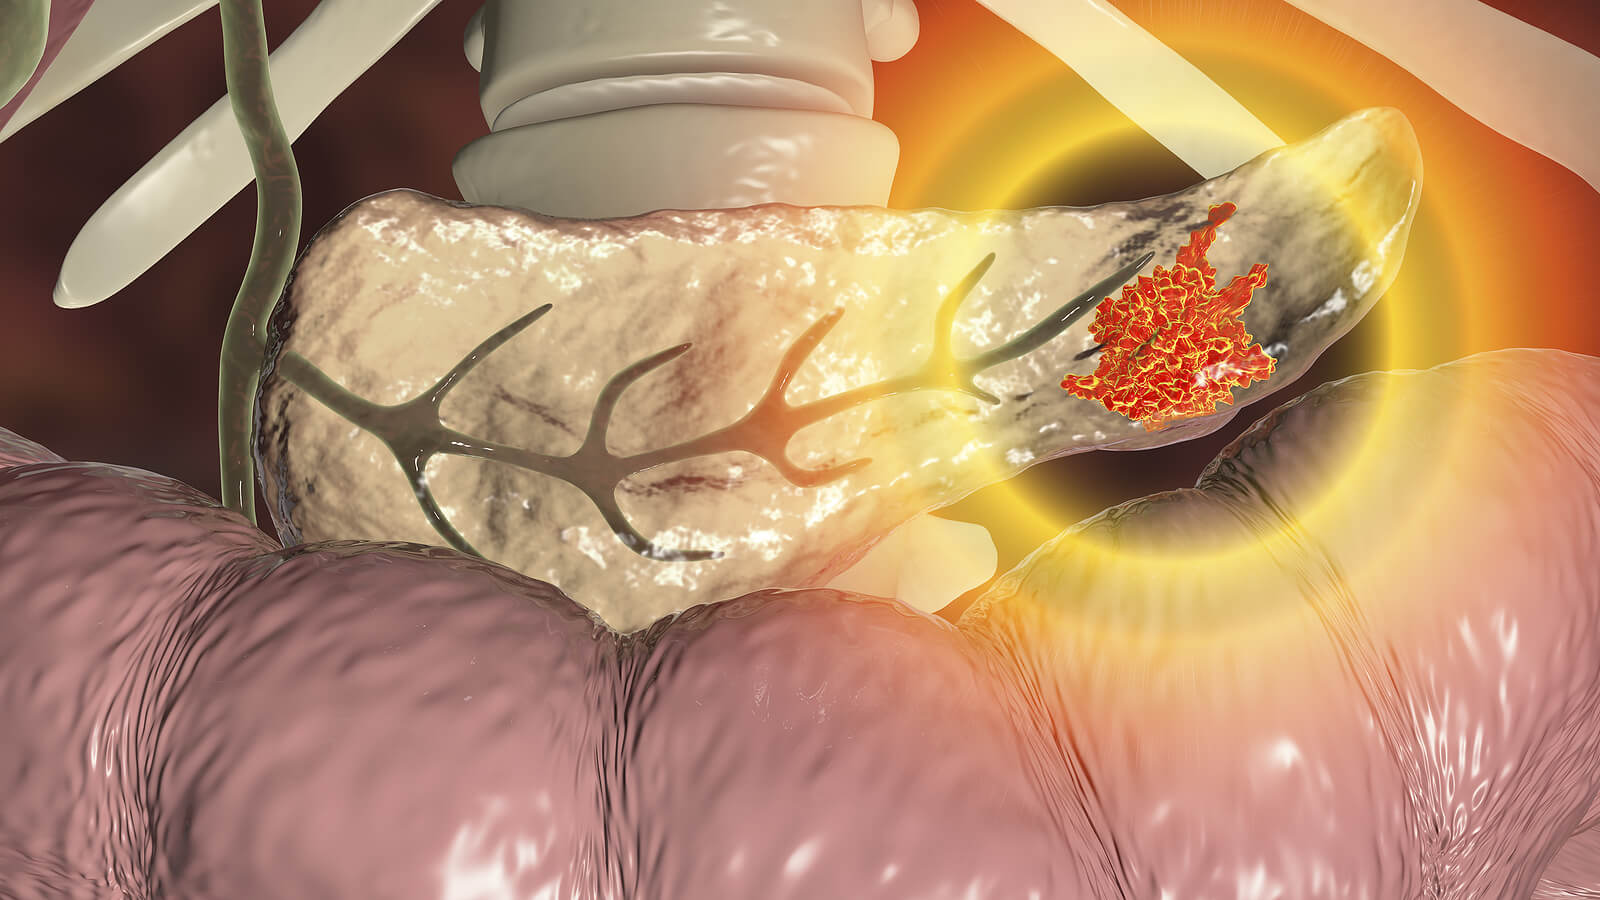 Tumor en el páncreas como causa de síndrome de Zollinger-Ellison.